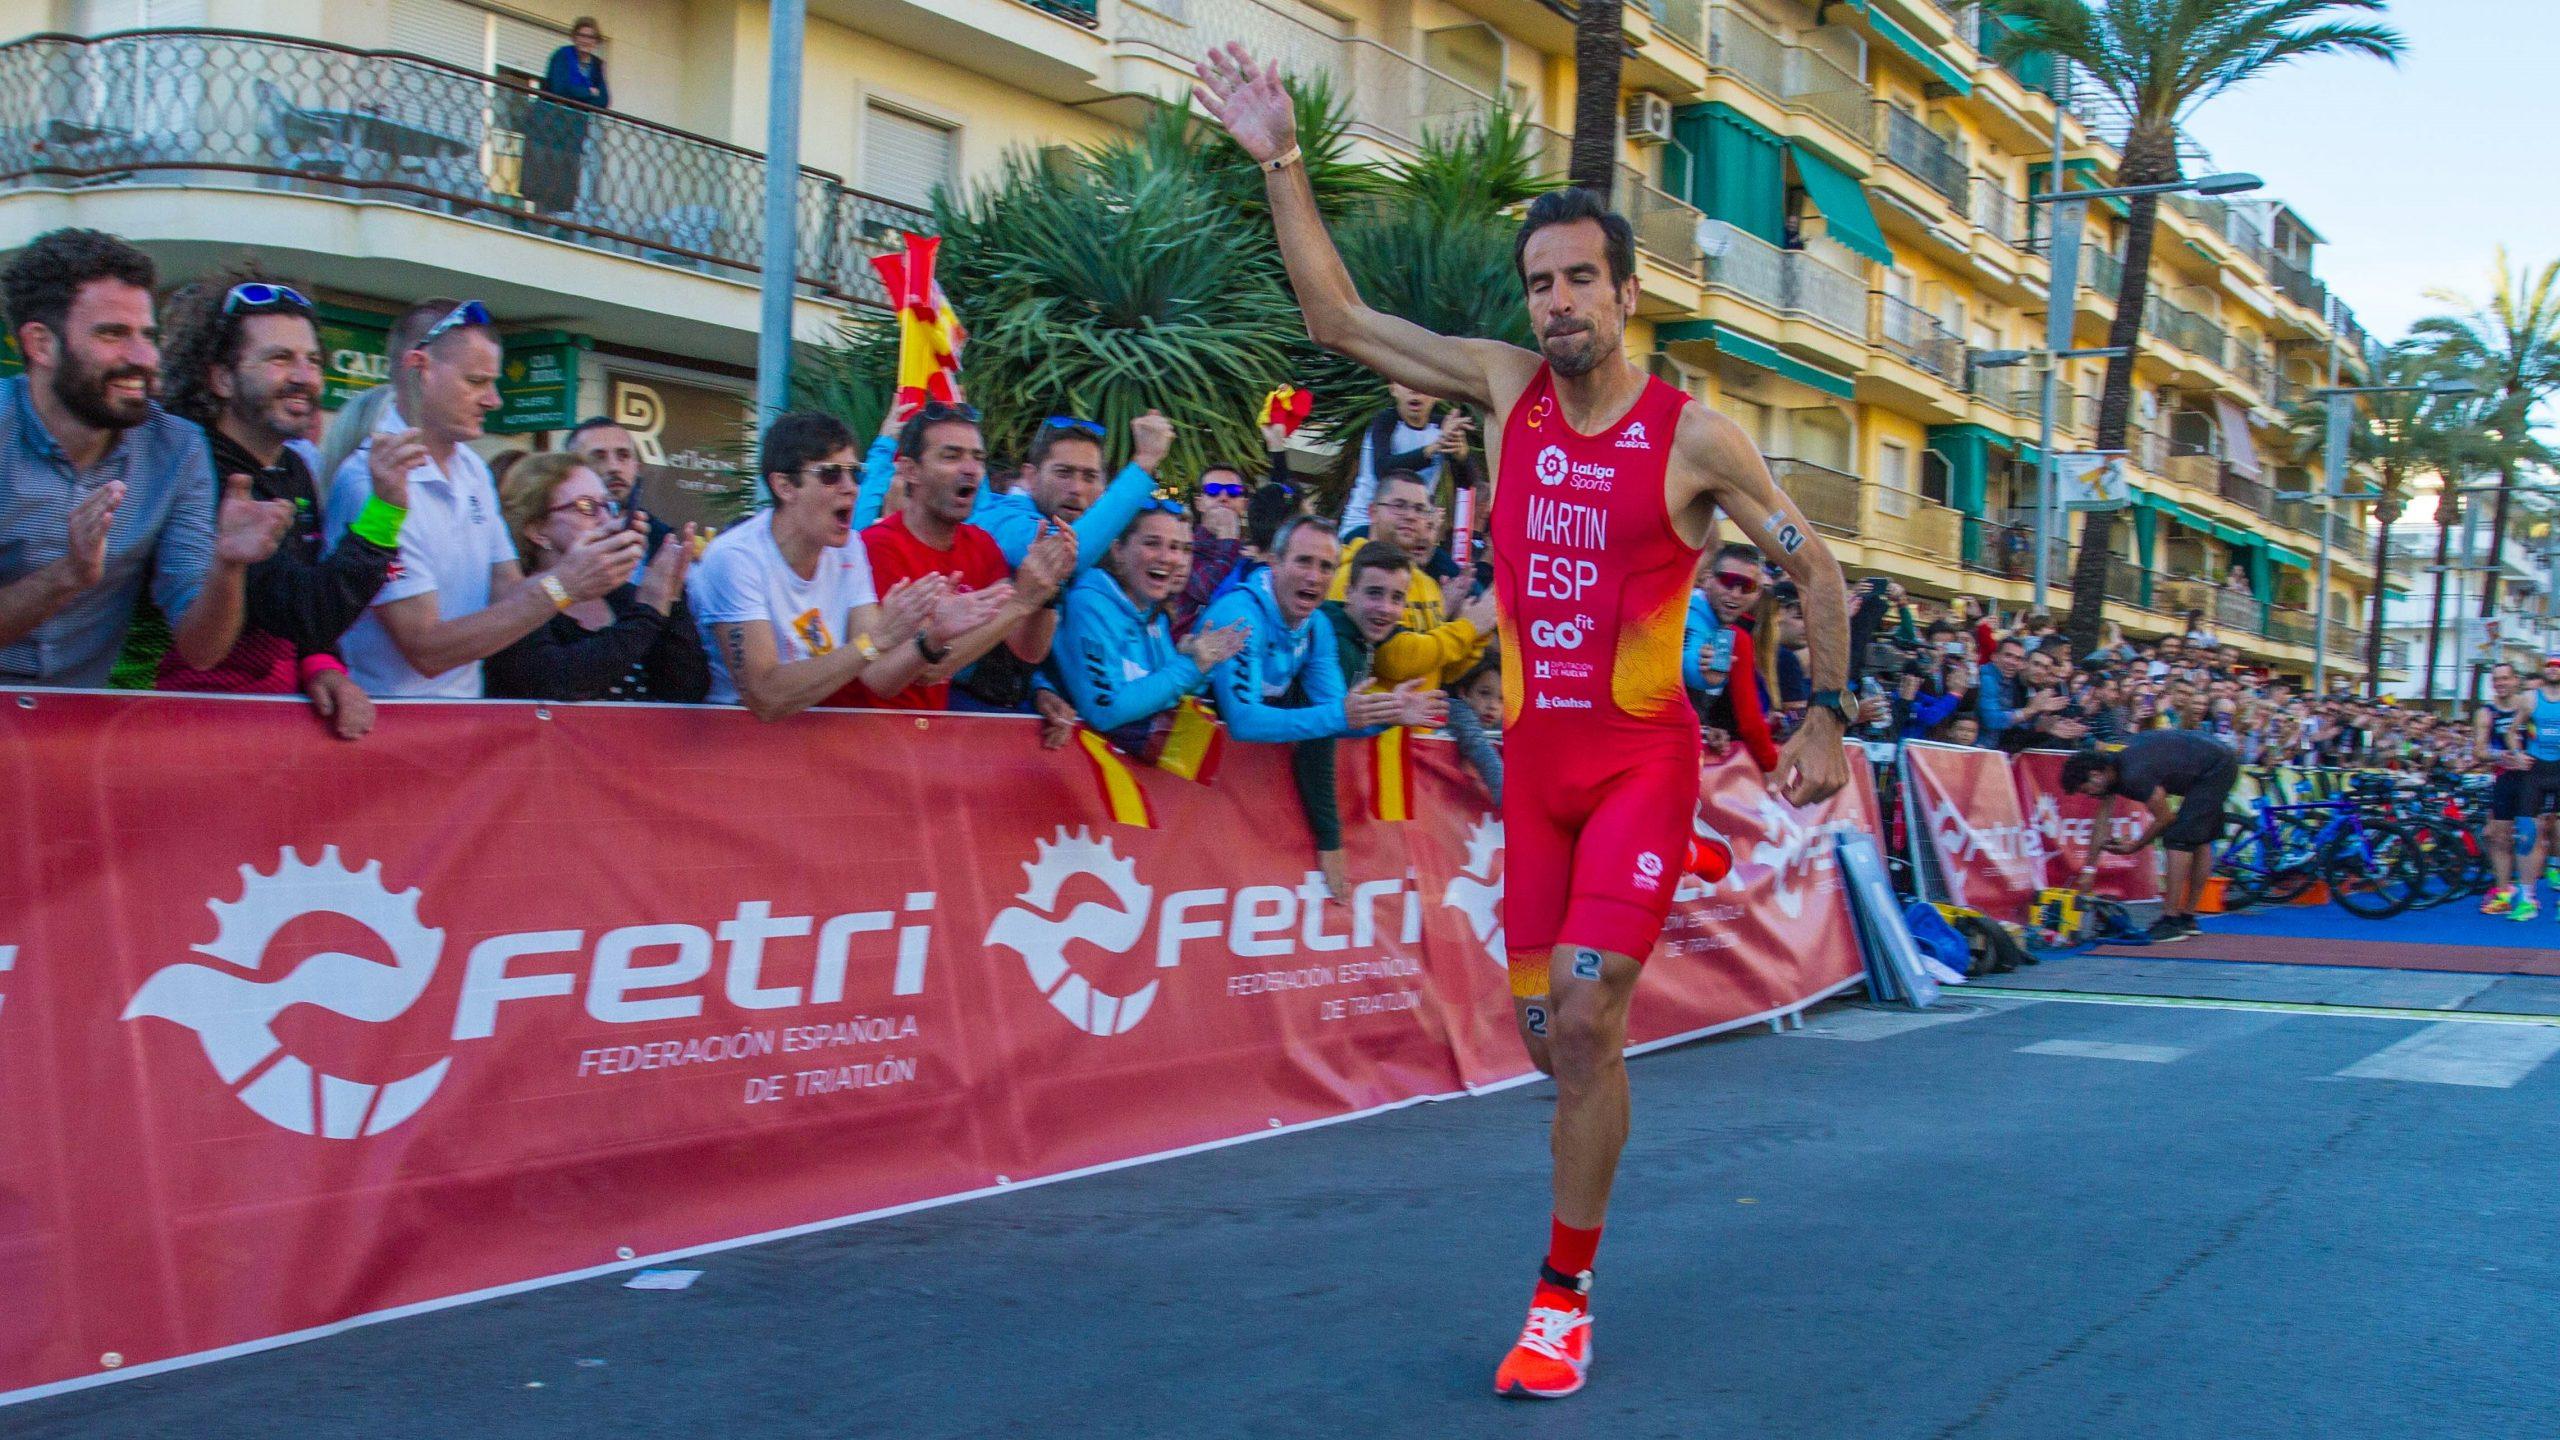 Publicados los Criterios de Selección de Alta Competición para el Campeonato de Europa de Triatlón Multisport Bilbao-Bizkaia 2022